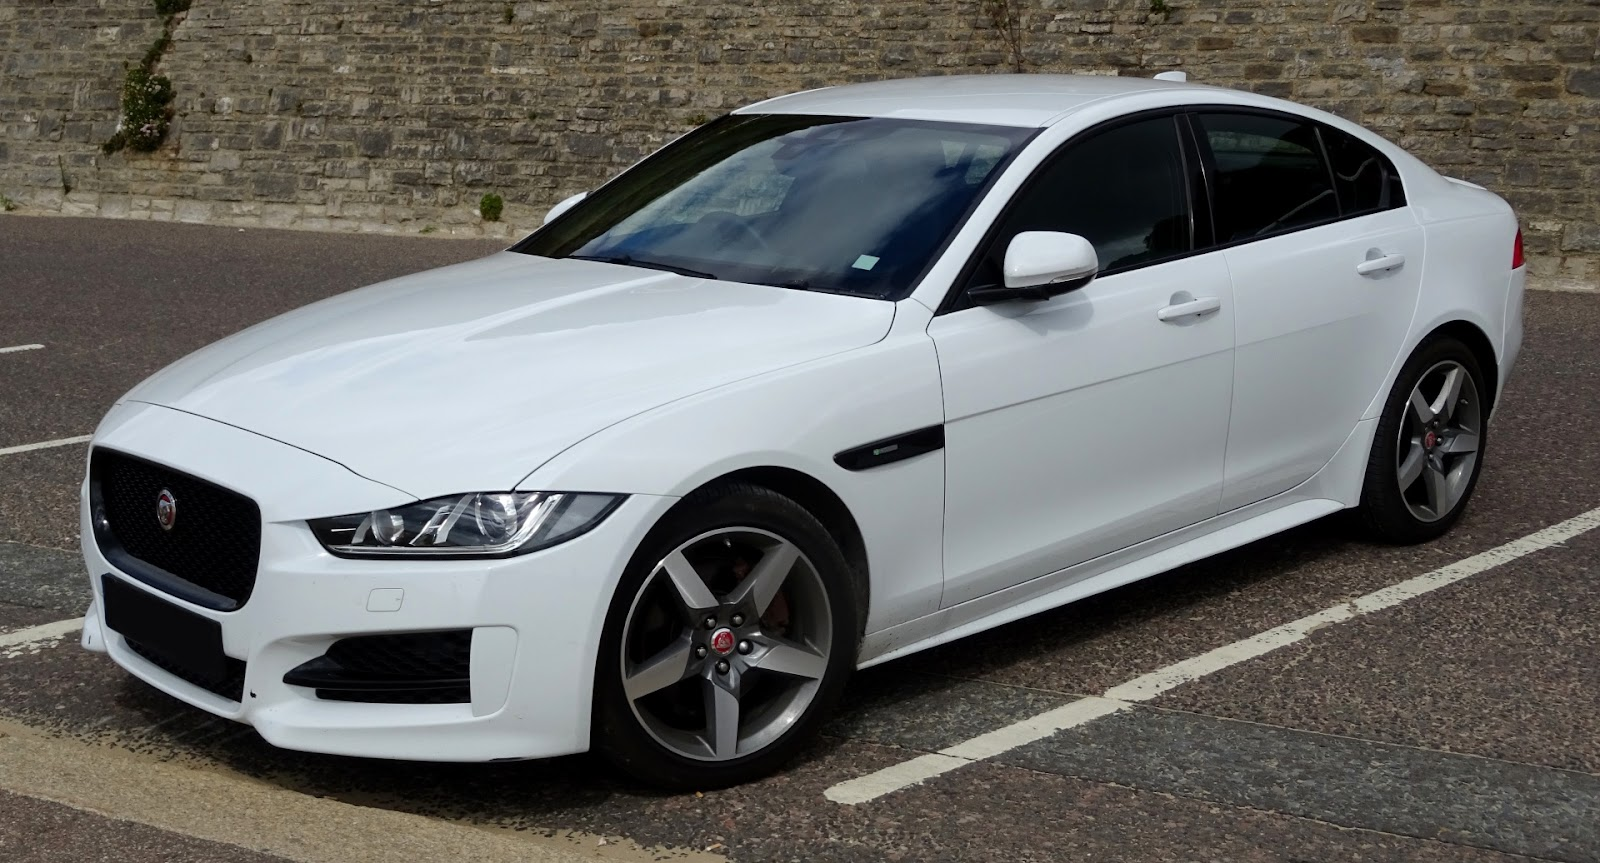 Coche Jaguar Blanco Jaguar